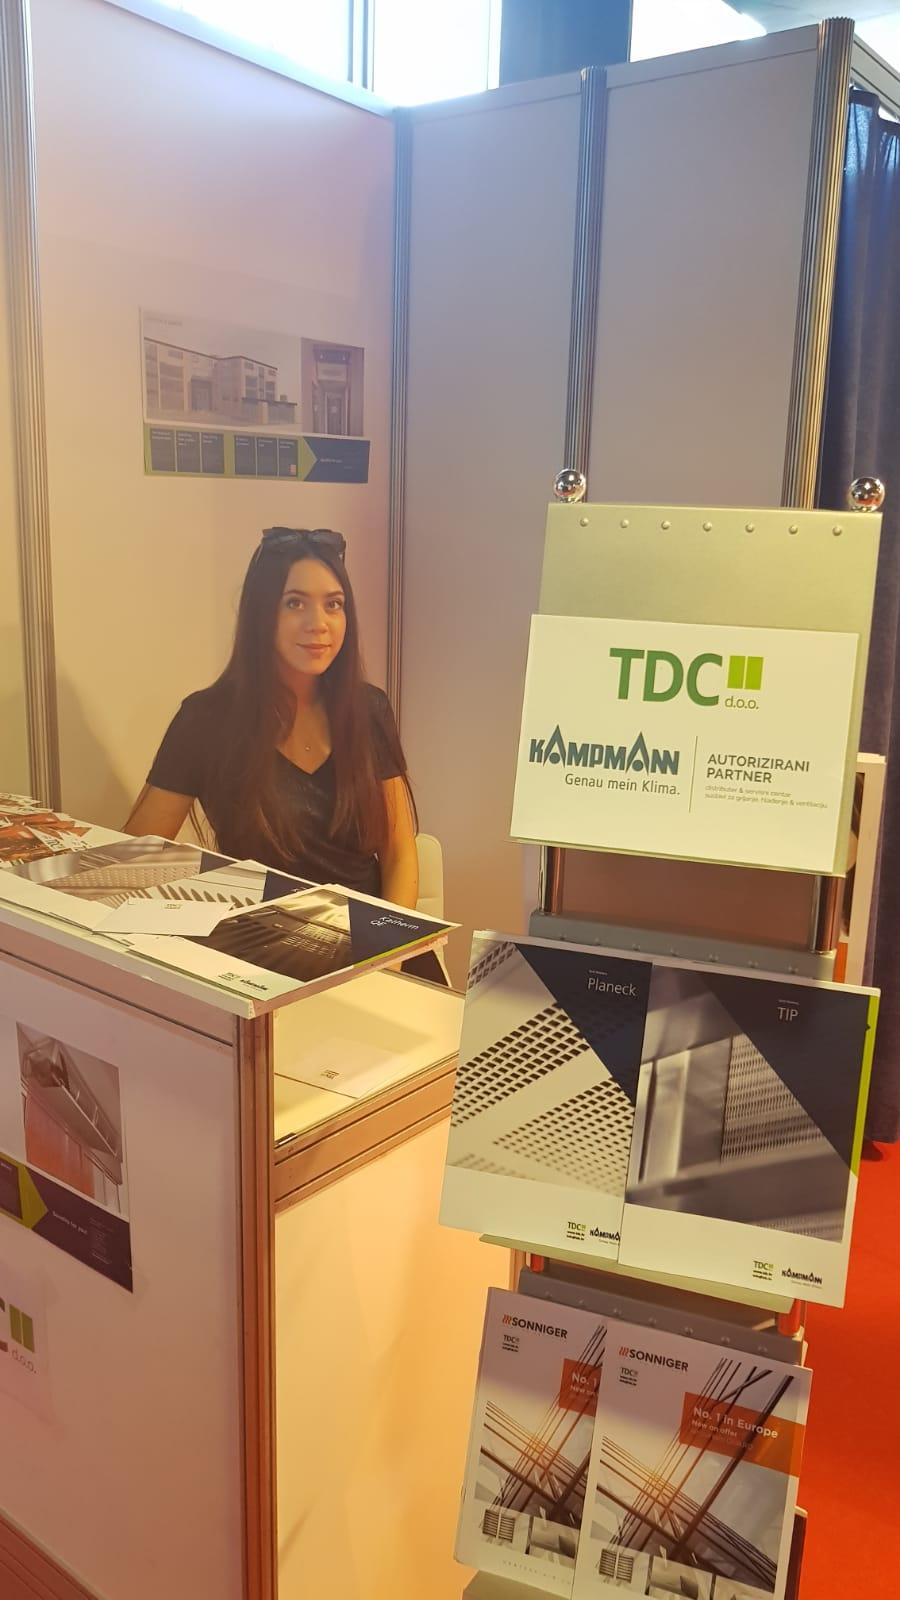 TDC i Kampmann - Sajam Saso 10